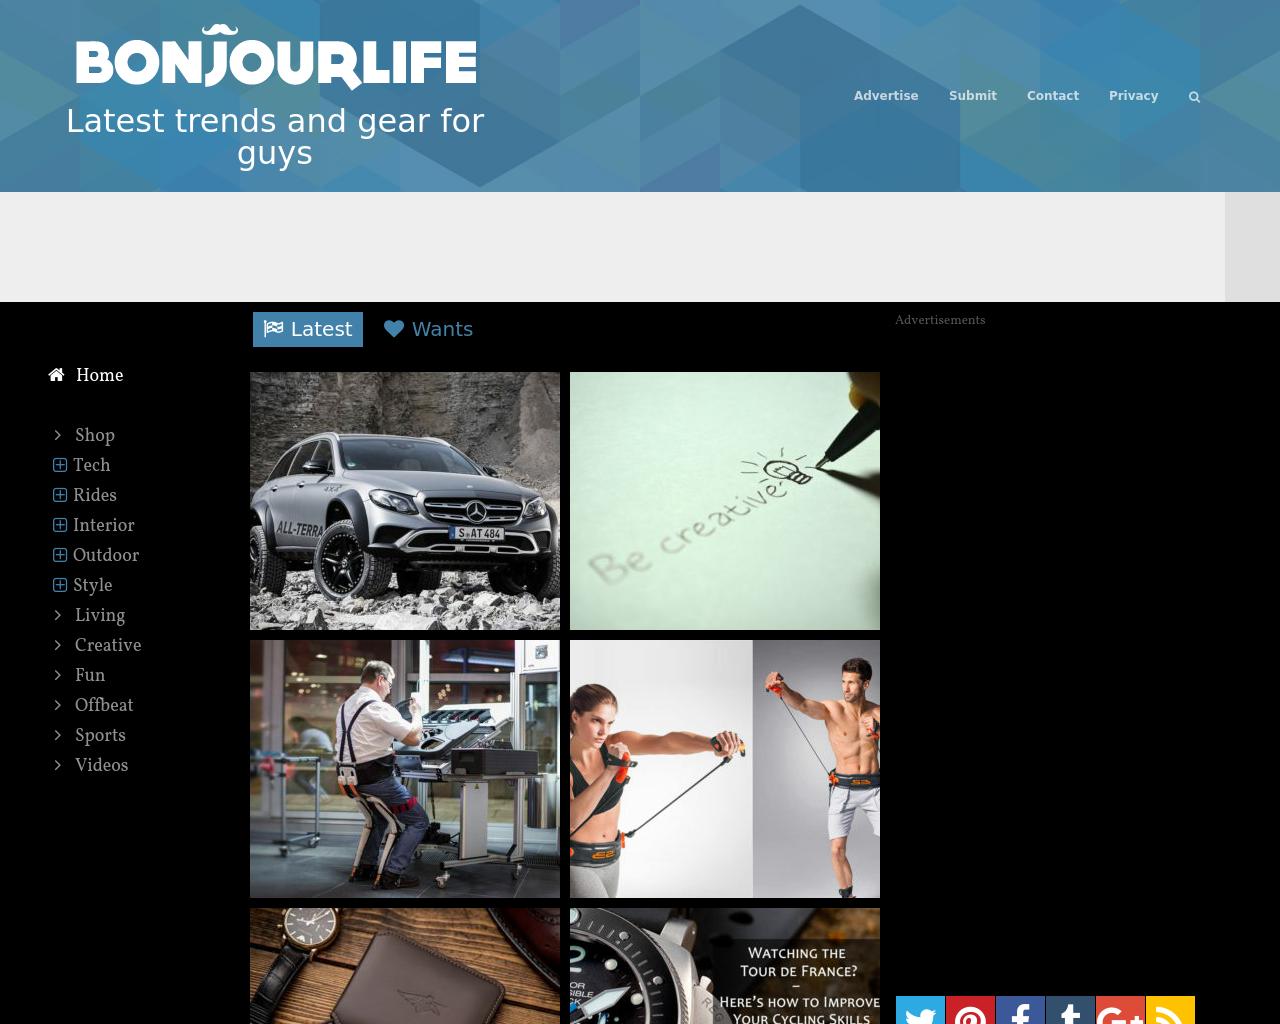 BONJOURLIFE-Advertising-Reviews-Pricing